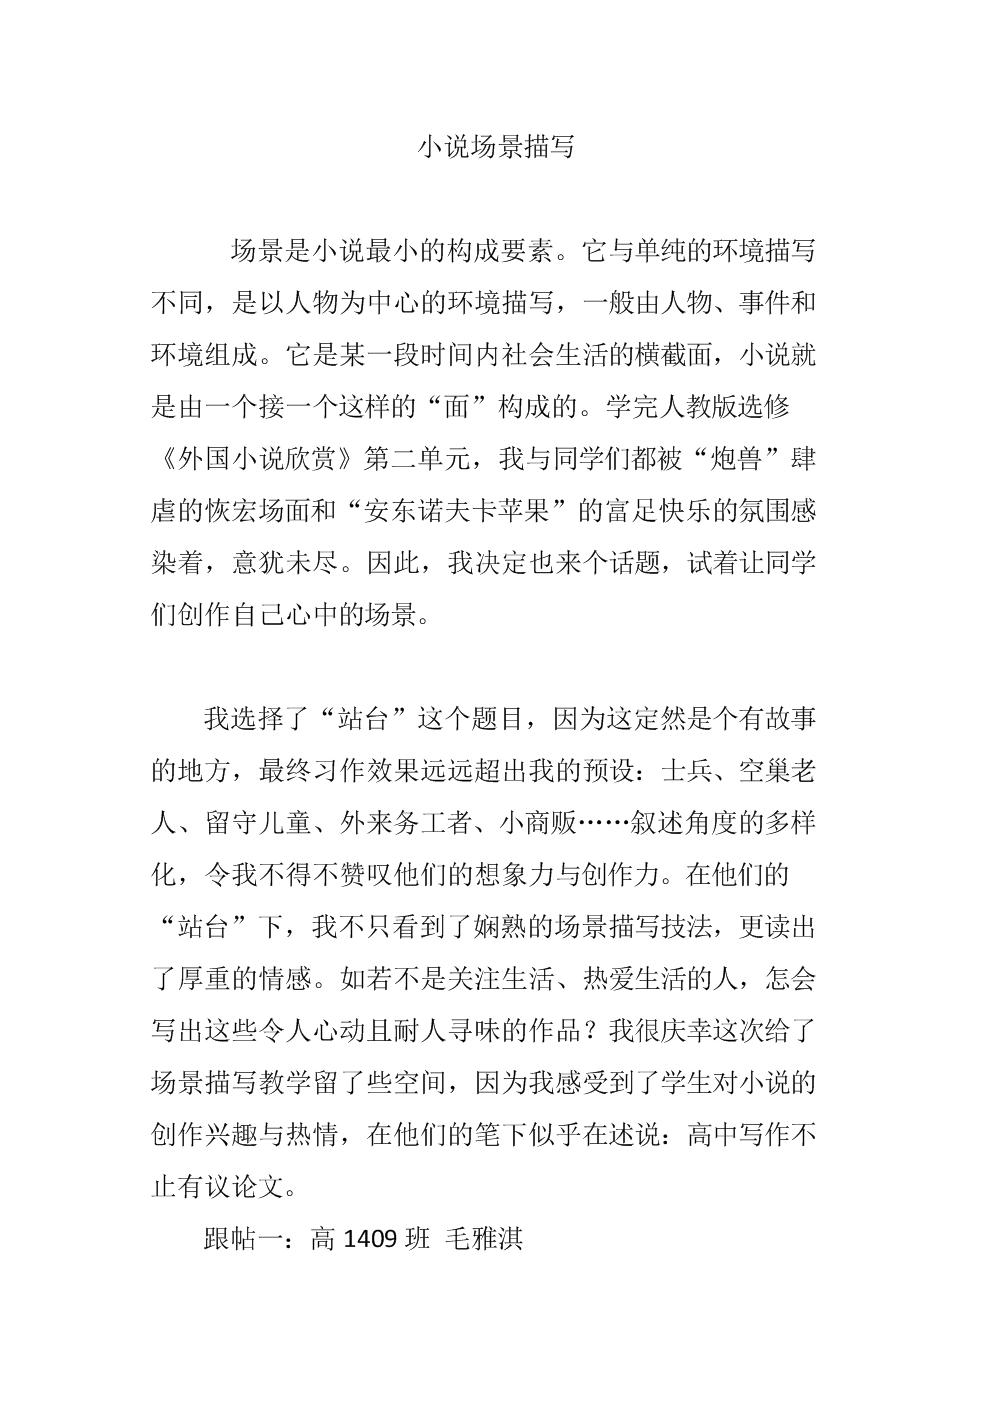 小说场景描写.doc